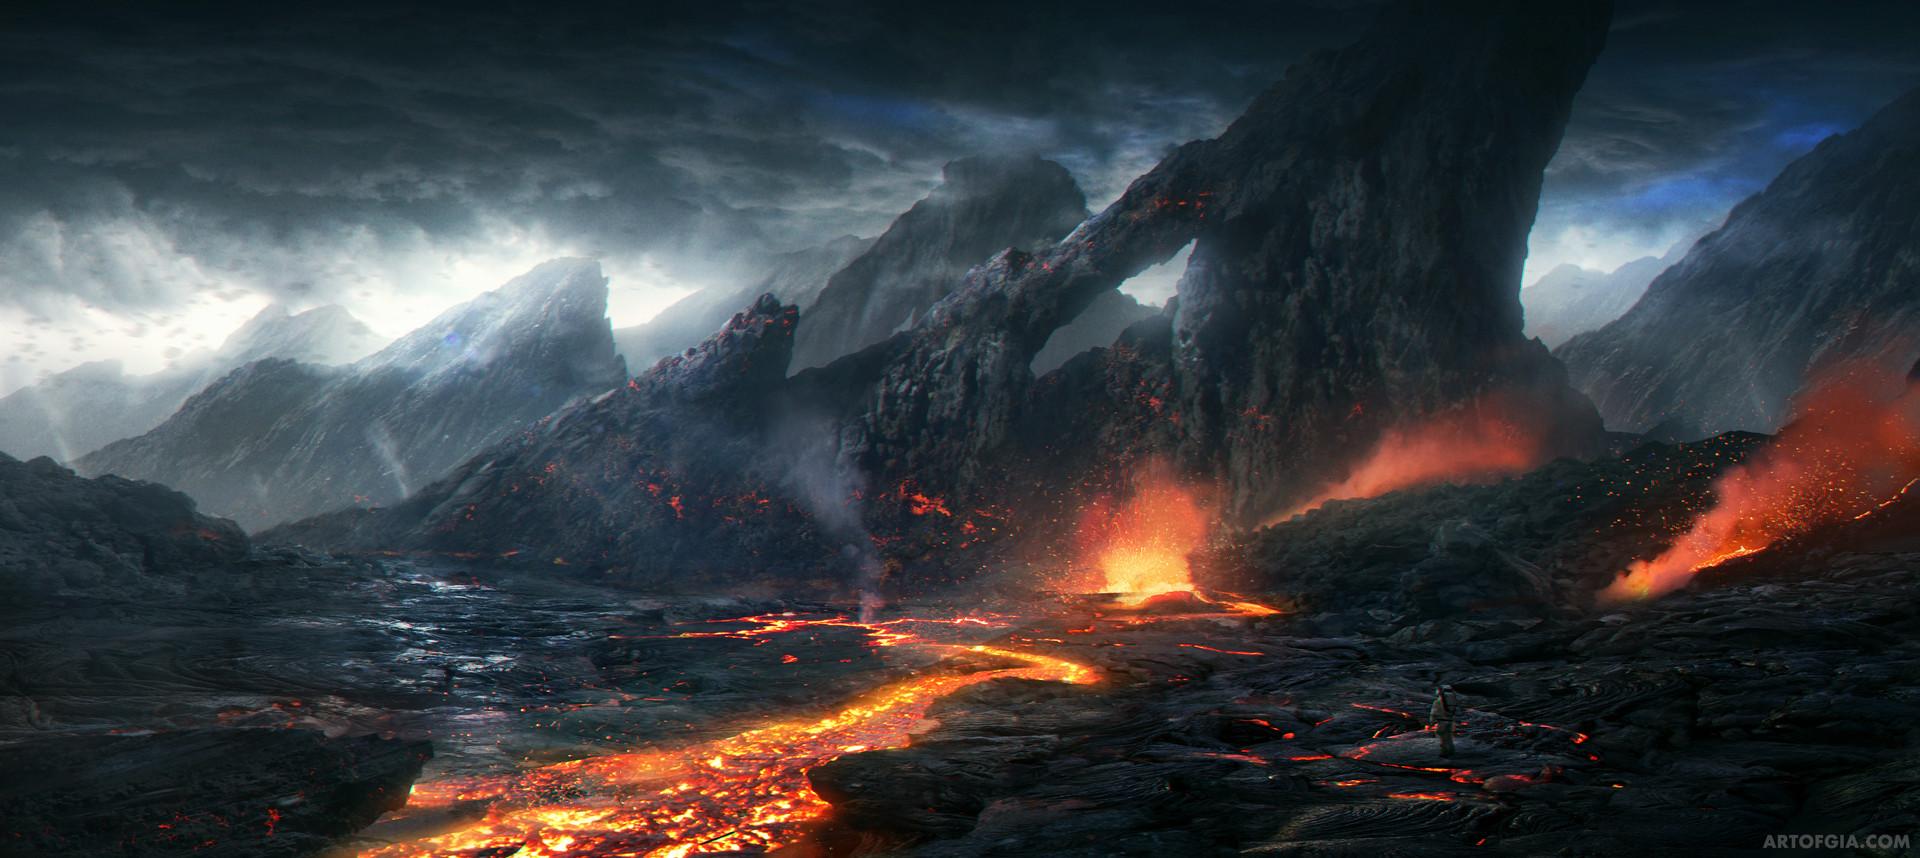 Gia nguyen gia nguyen 01 alien planet landscape final